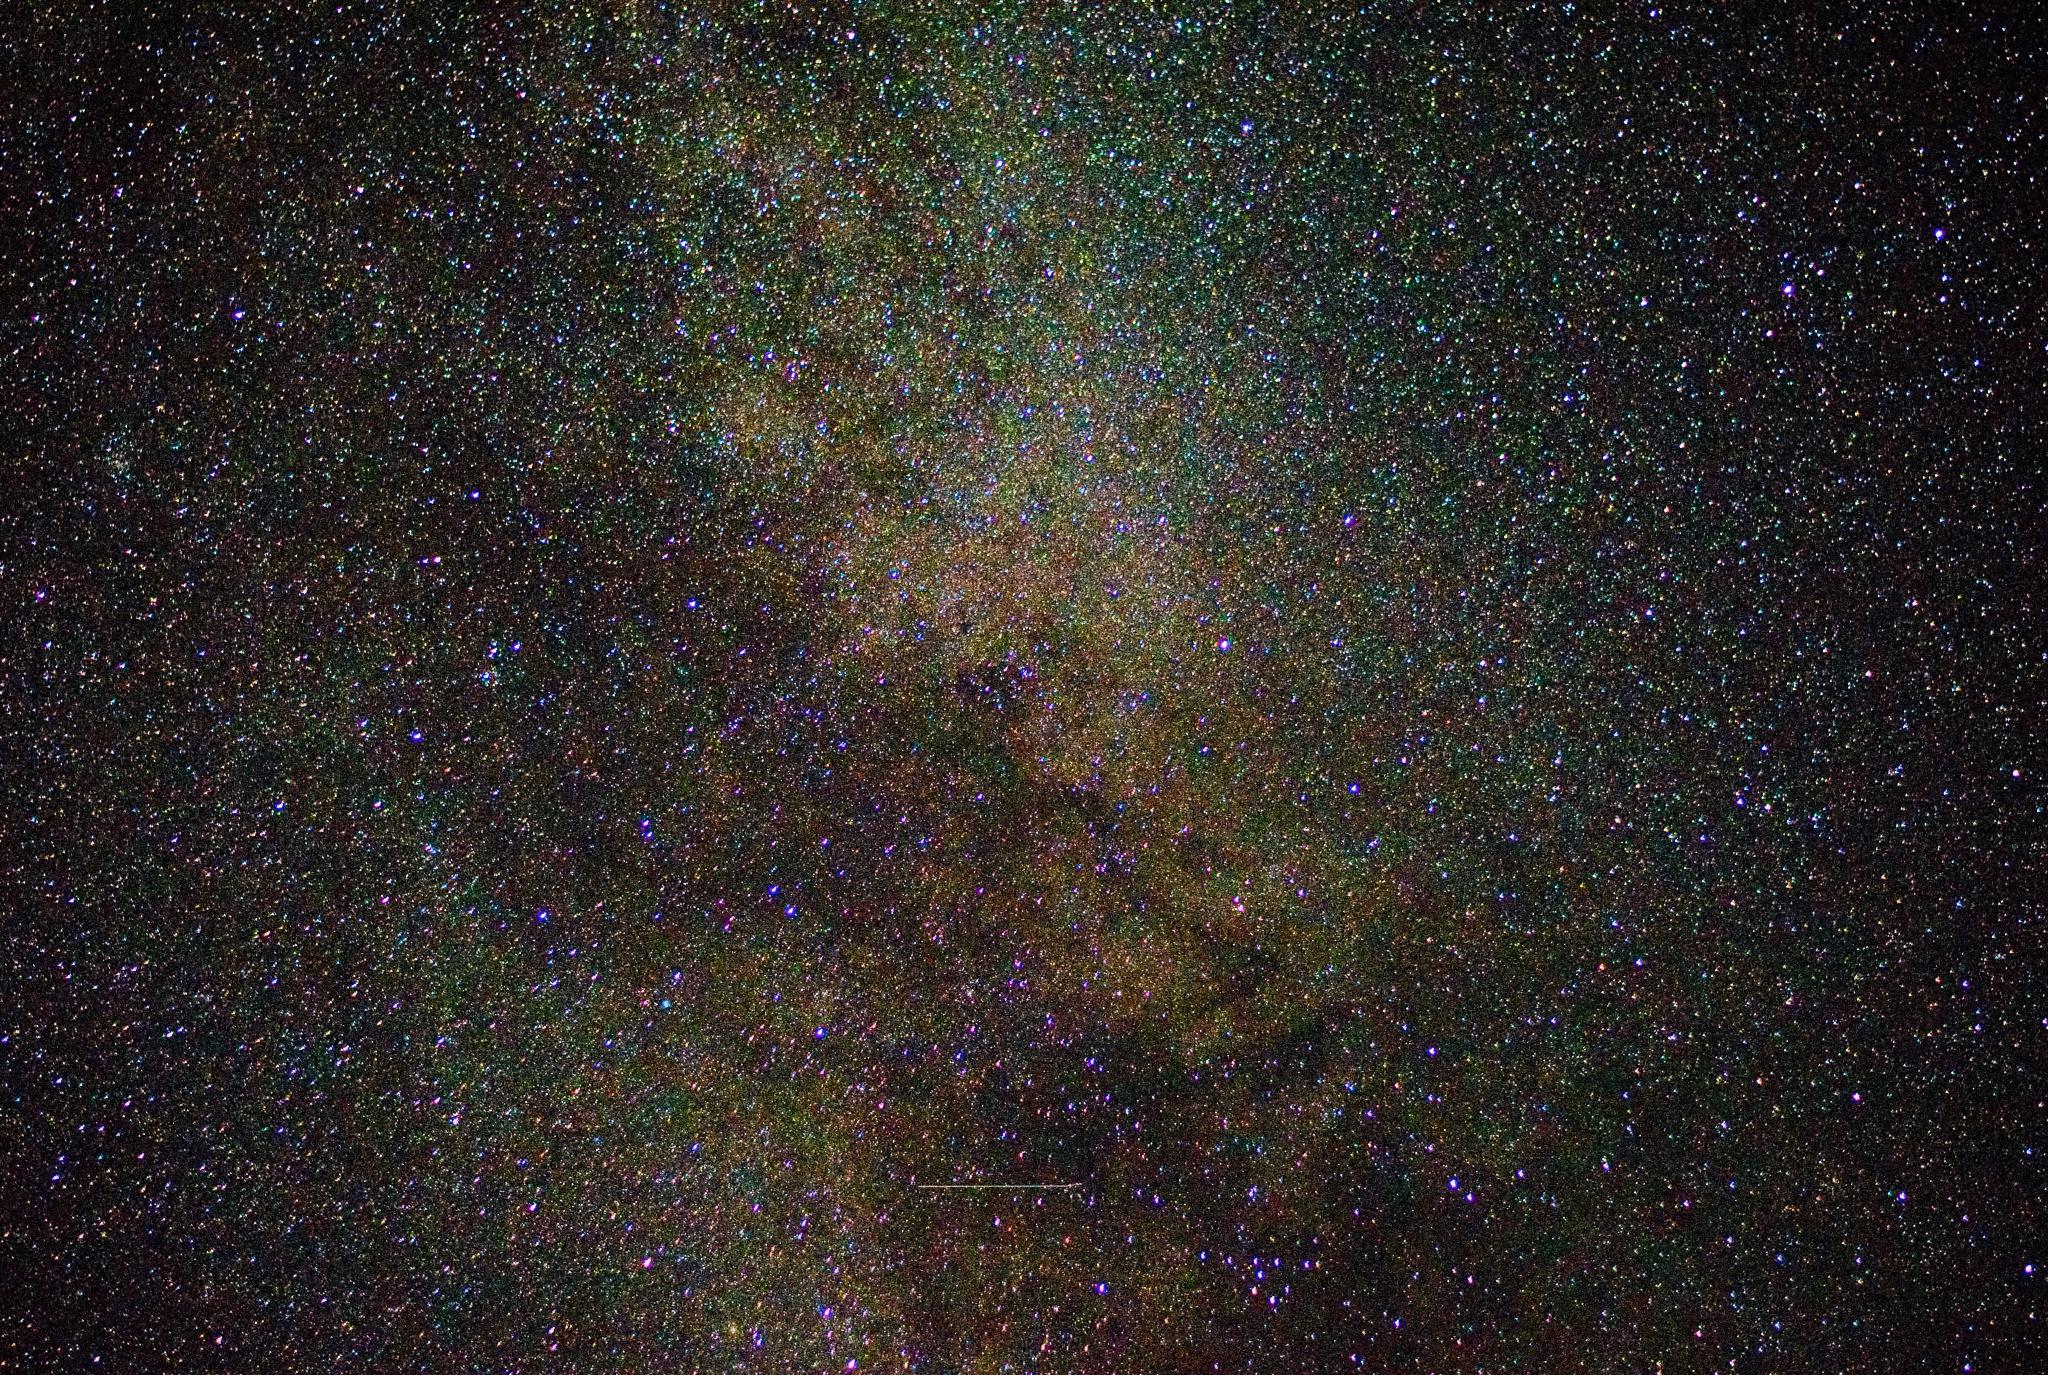 Starstruck by brittneyfmd